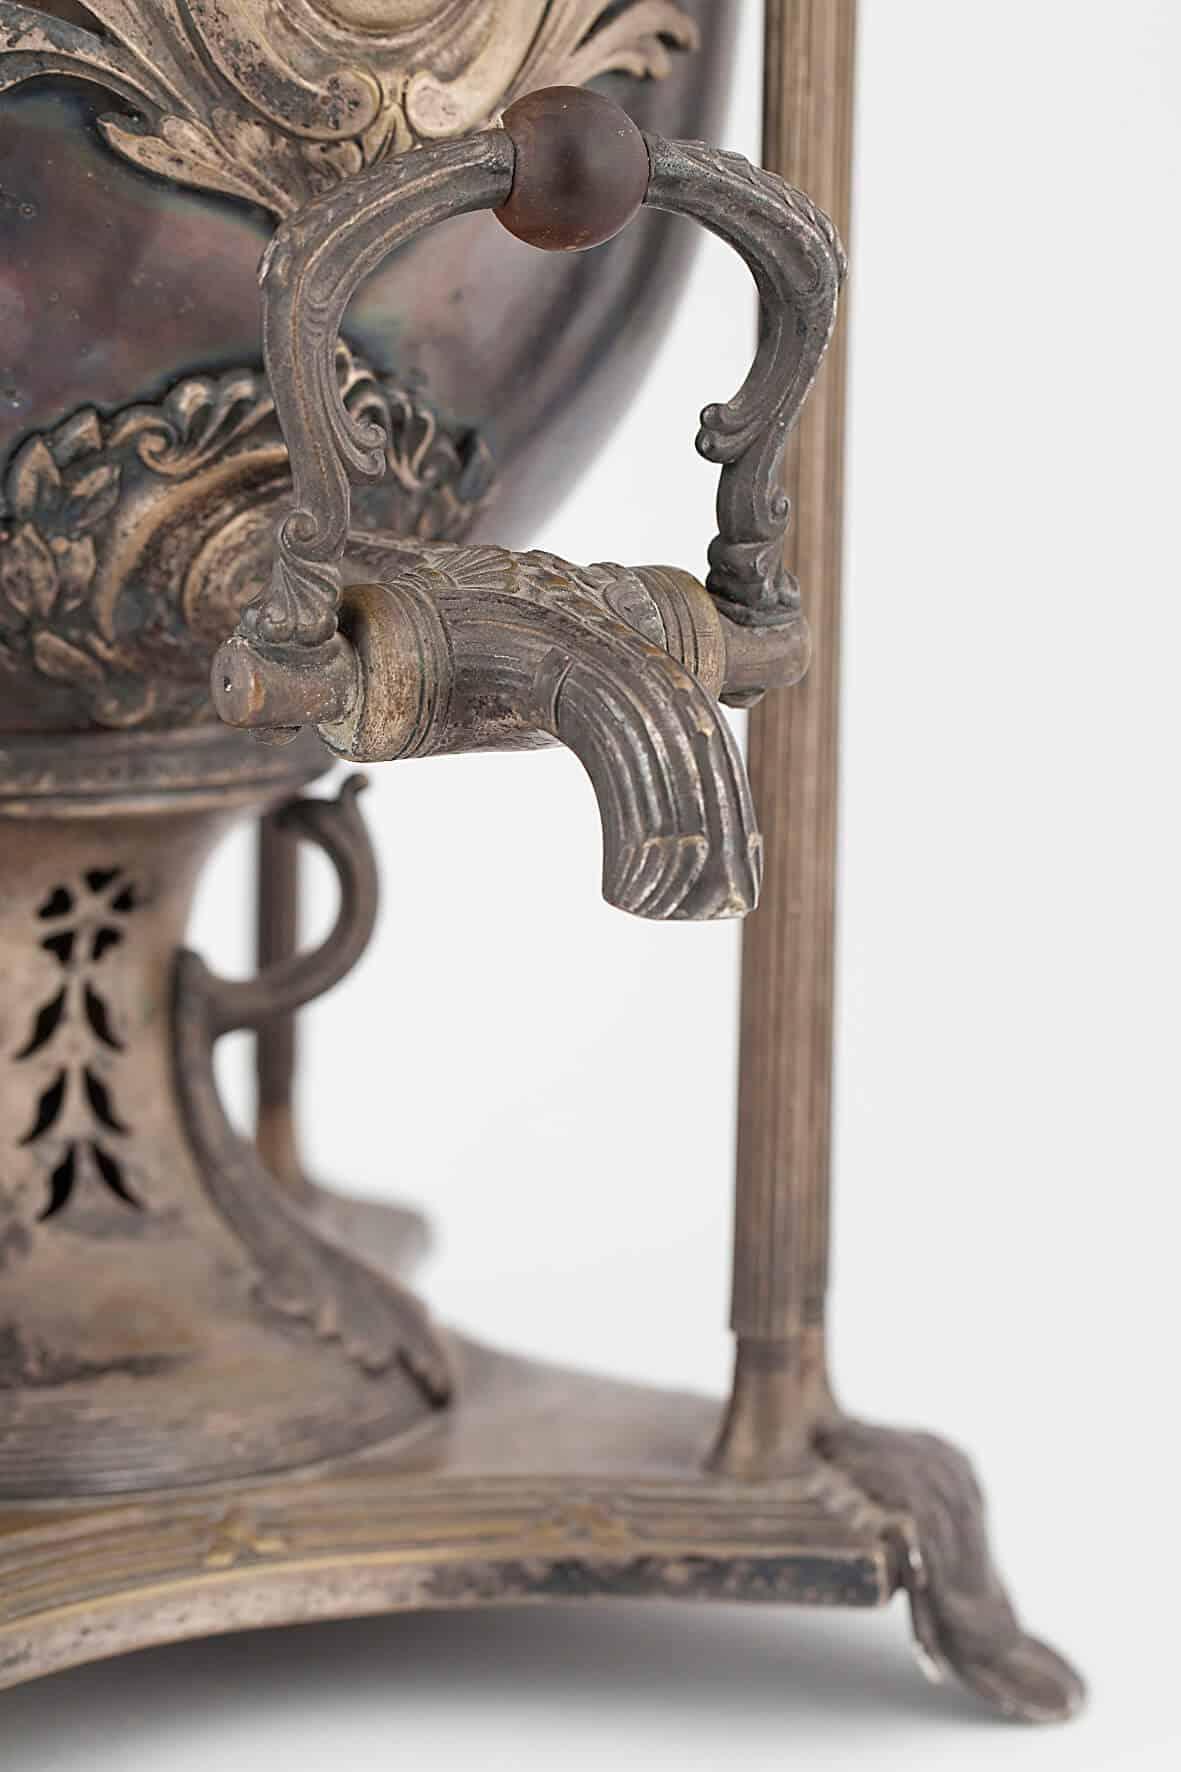 КБ 479 | Самовар-ваза с вертикальными стойками | Музей самоваров и бульоток